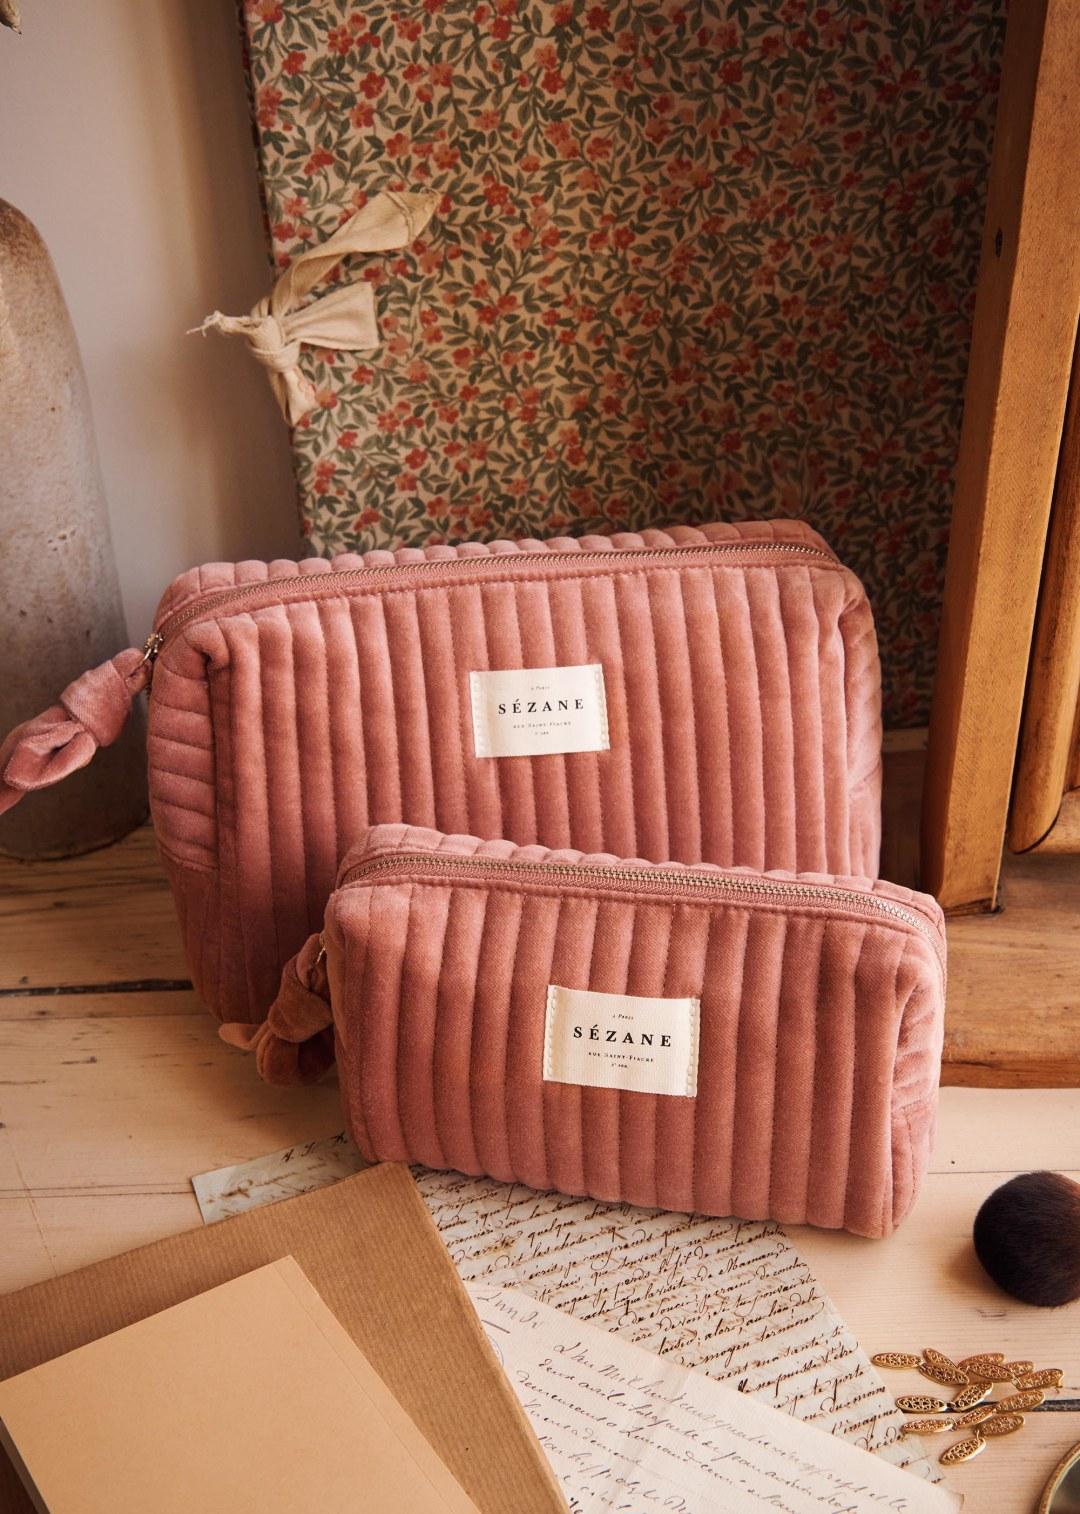 Sézane Toiletry Bag in Velvet Blush